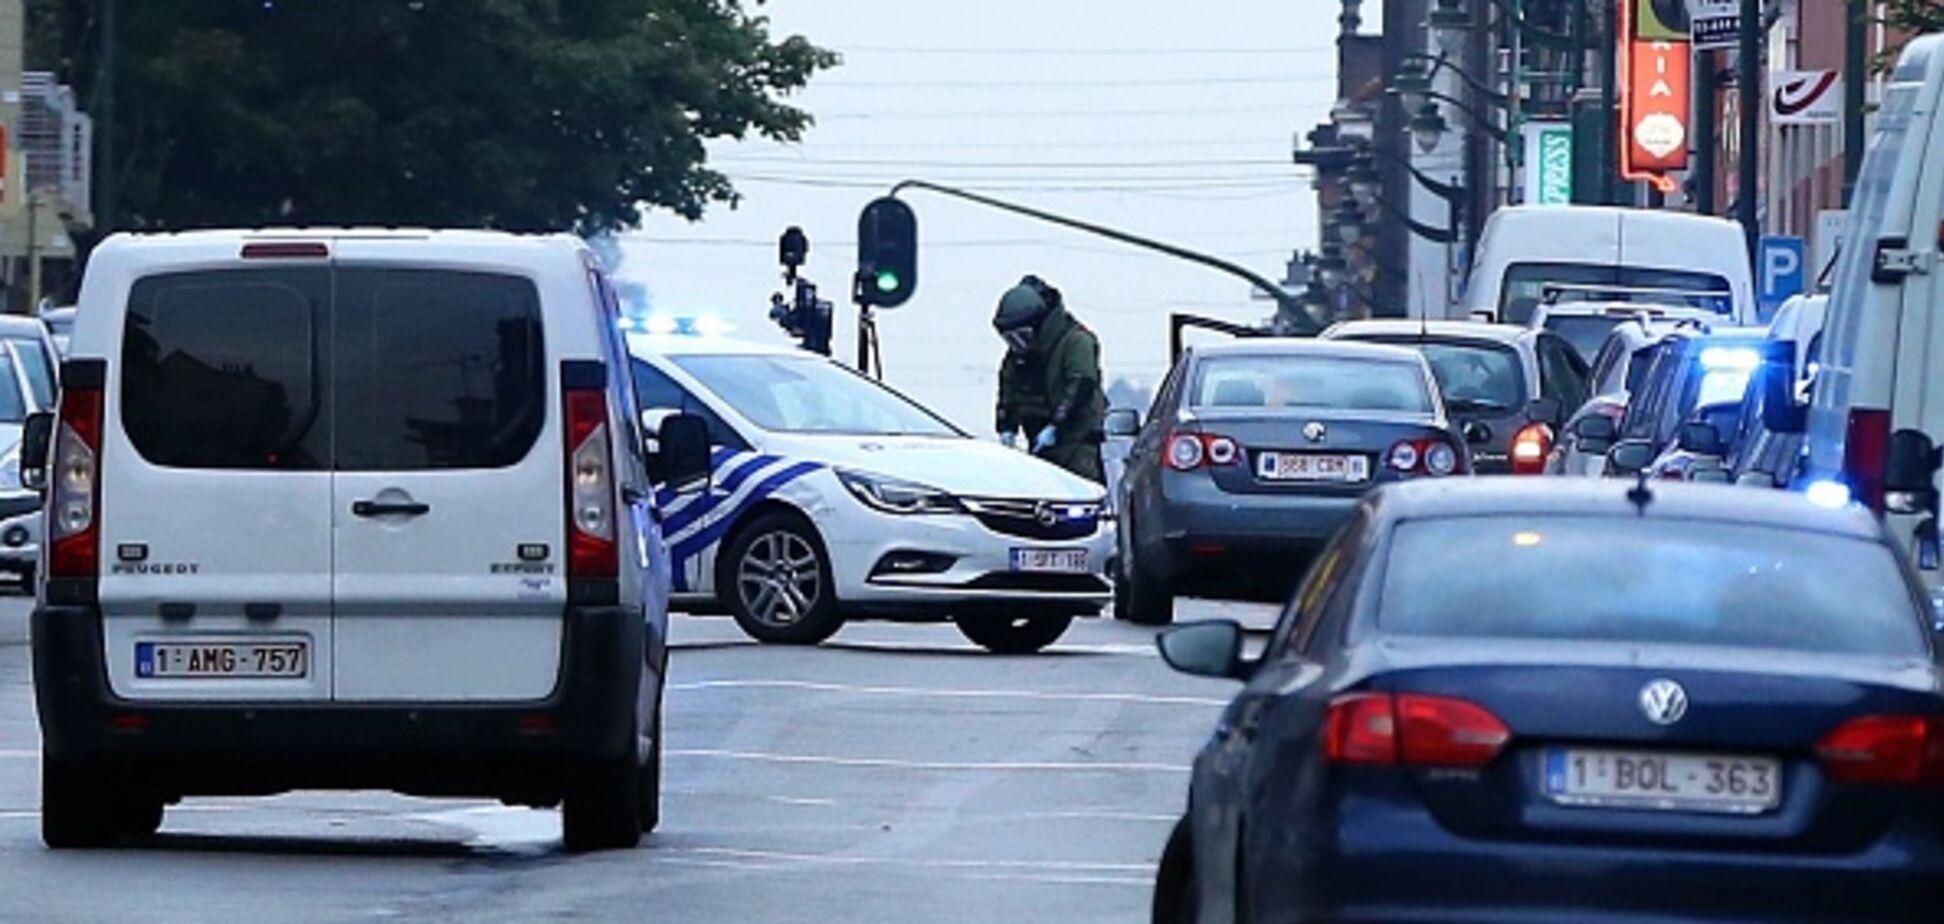 Шукали вибухівку: в Брюсселі поліція зі стріляниною зупинила підозріле авто